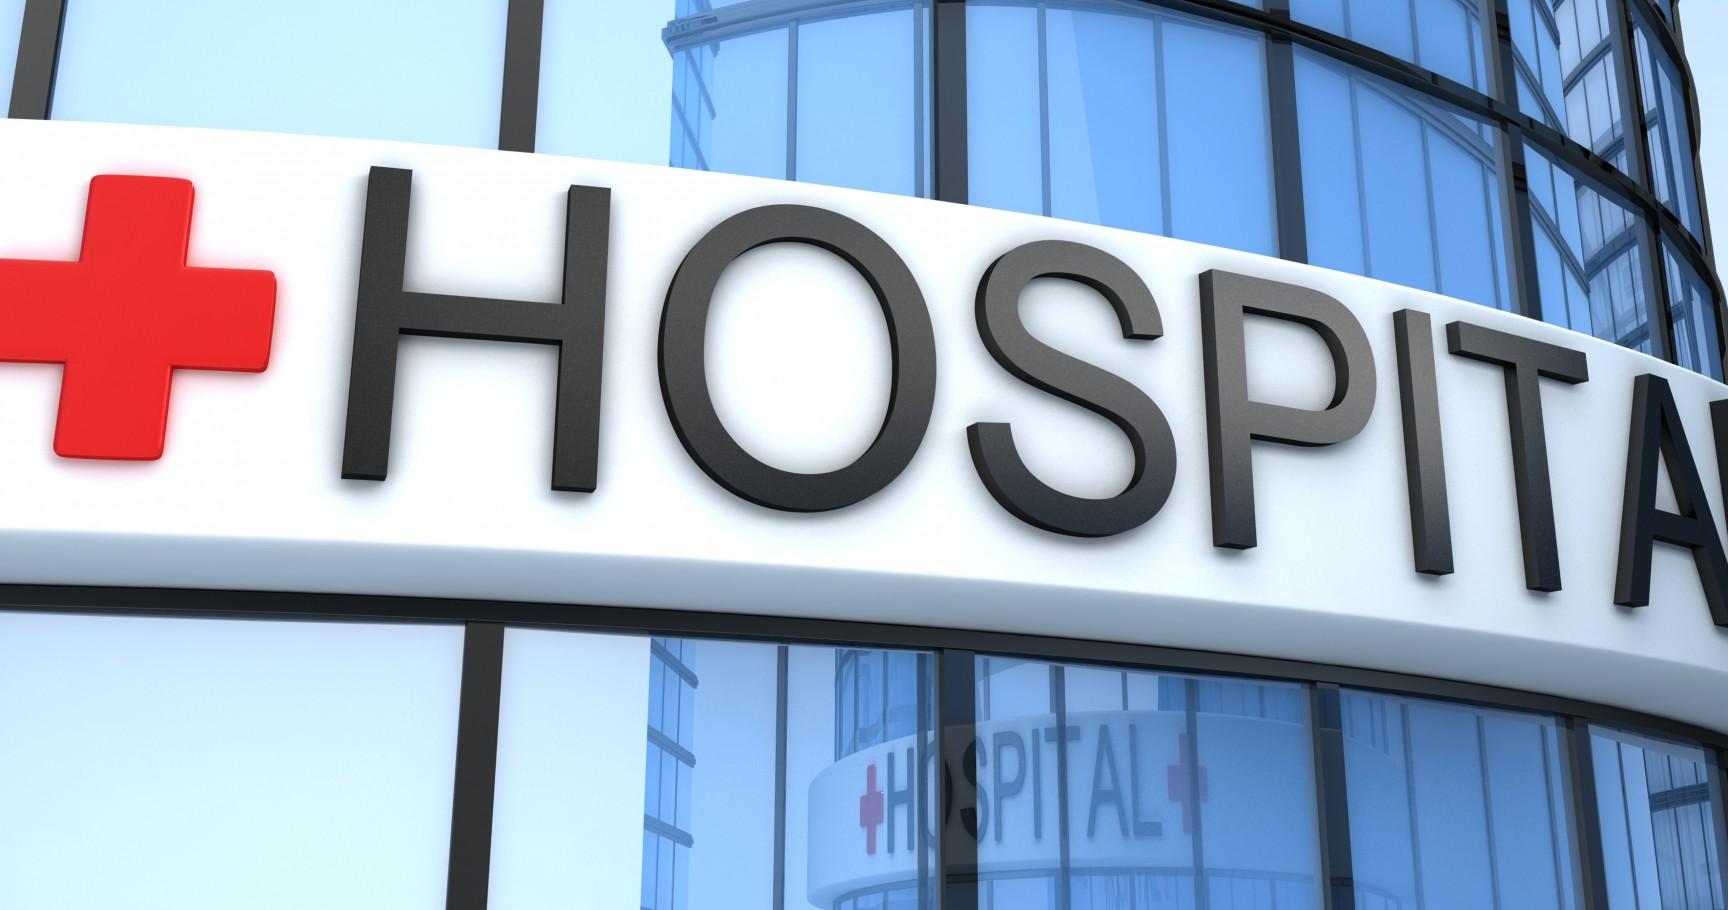 Έτοιμα τα αποτελέσματα της αξιολόγησης των Διοικητών των Νοσοκομείων! Όλο το παρασκήνιο